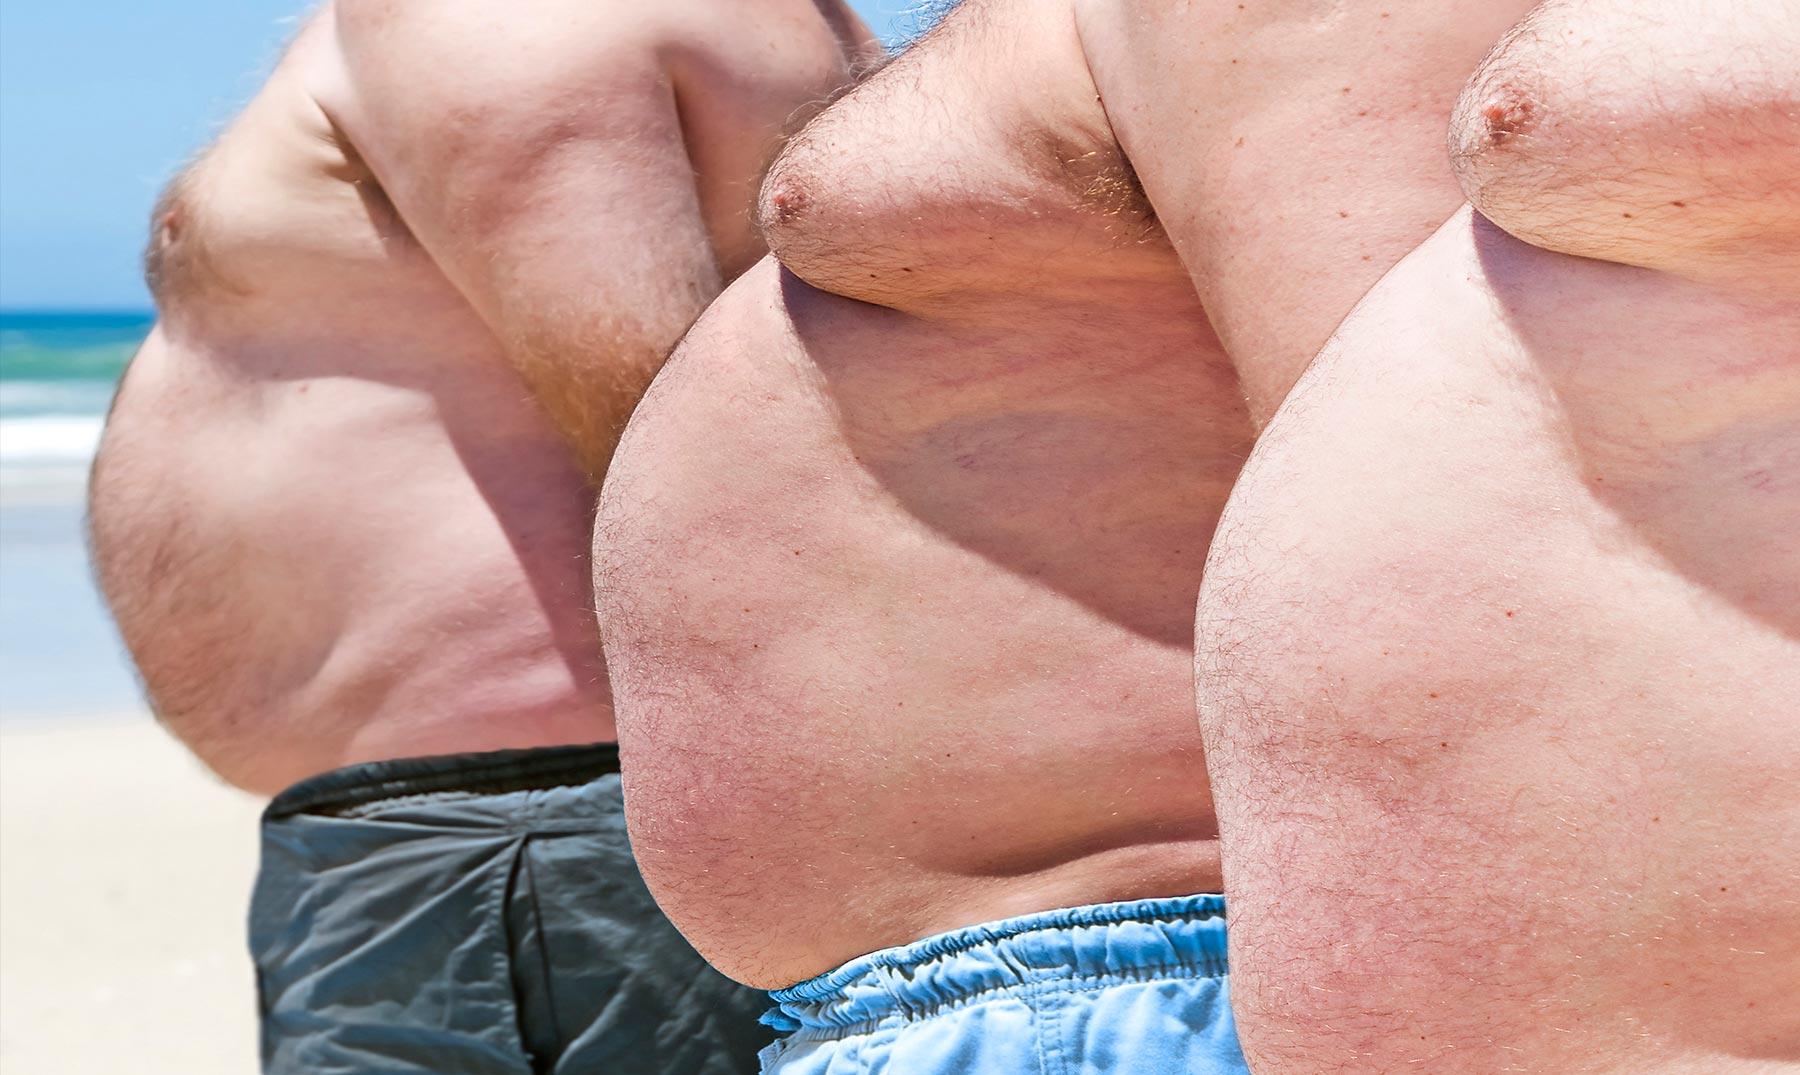 Только отвисшие сиськи фото, Фотографии Большие, необычные, обвисшие-груди 24 фотография